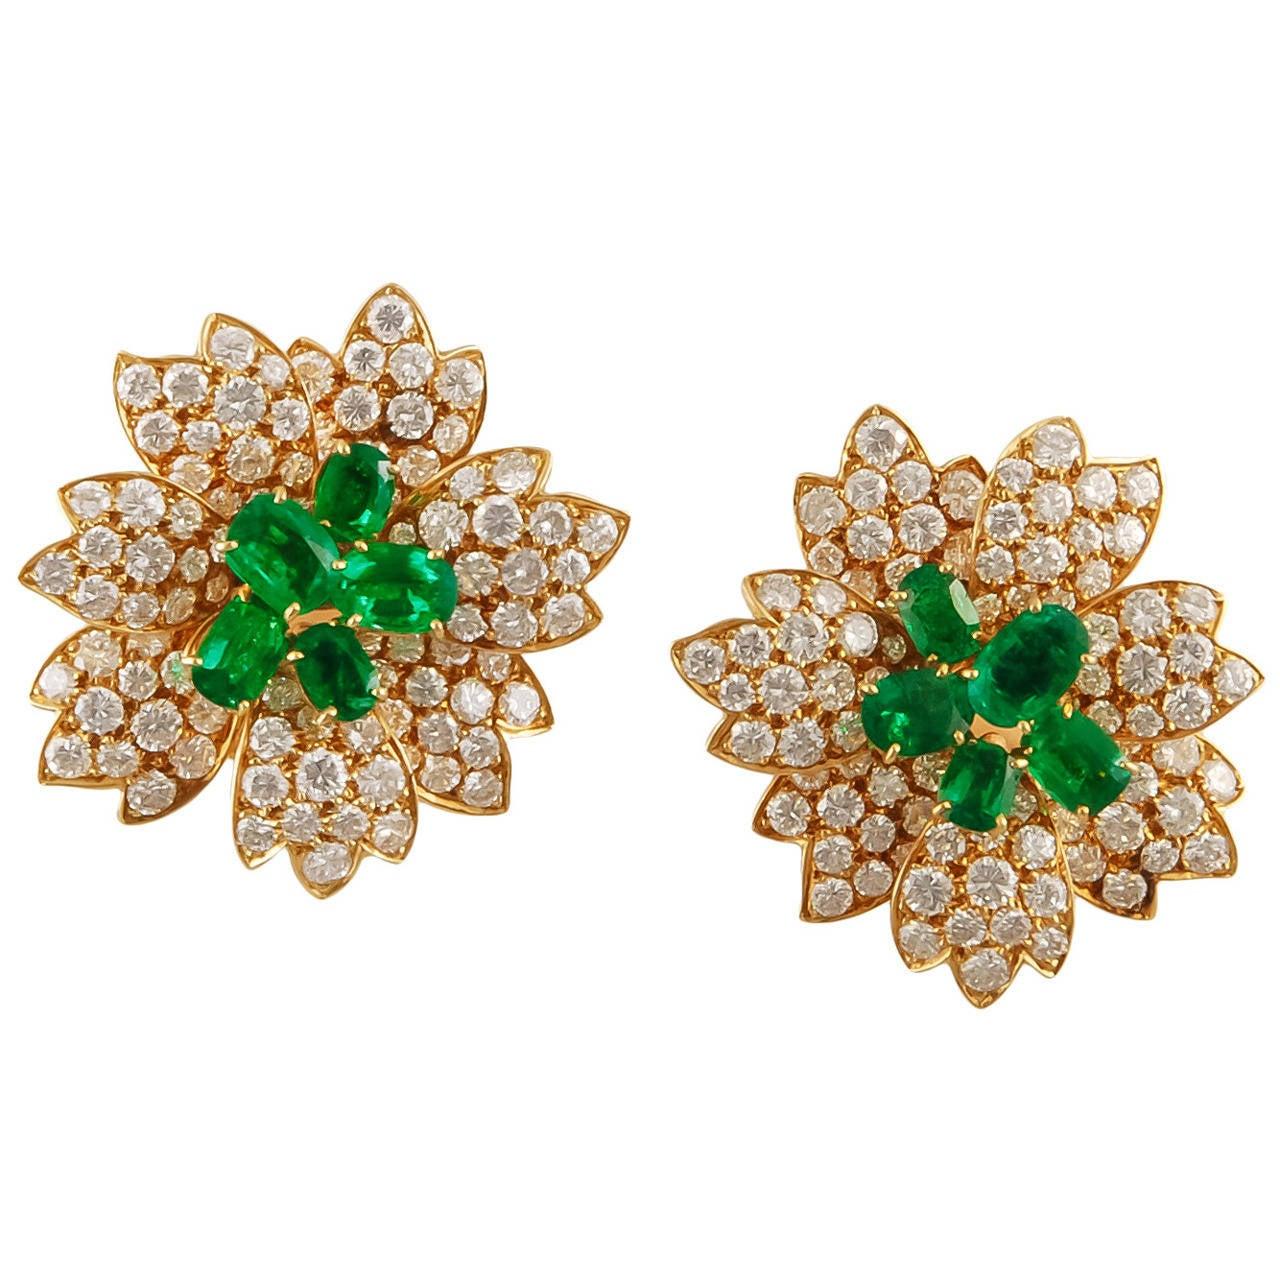 Van Cleef & Arpels Diamond Emerald Earrings